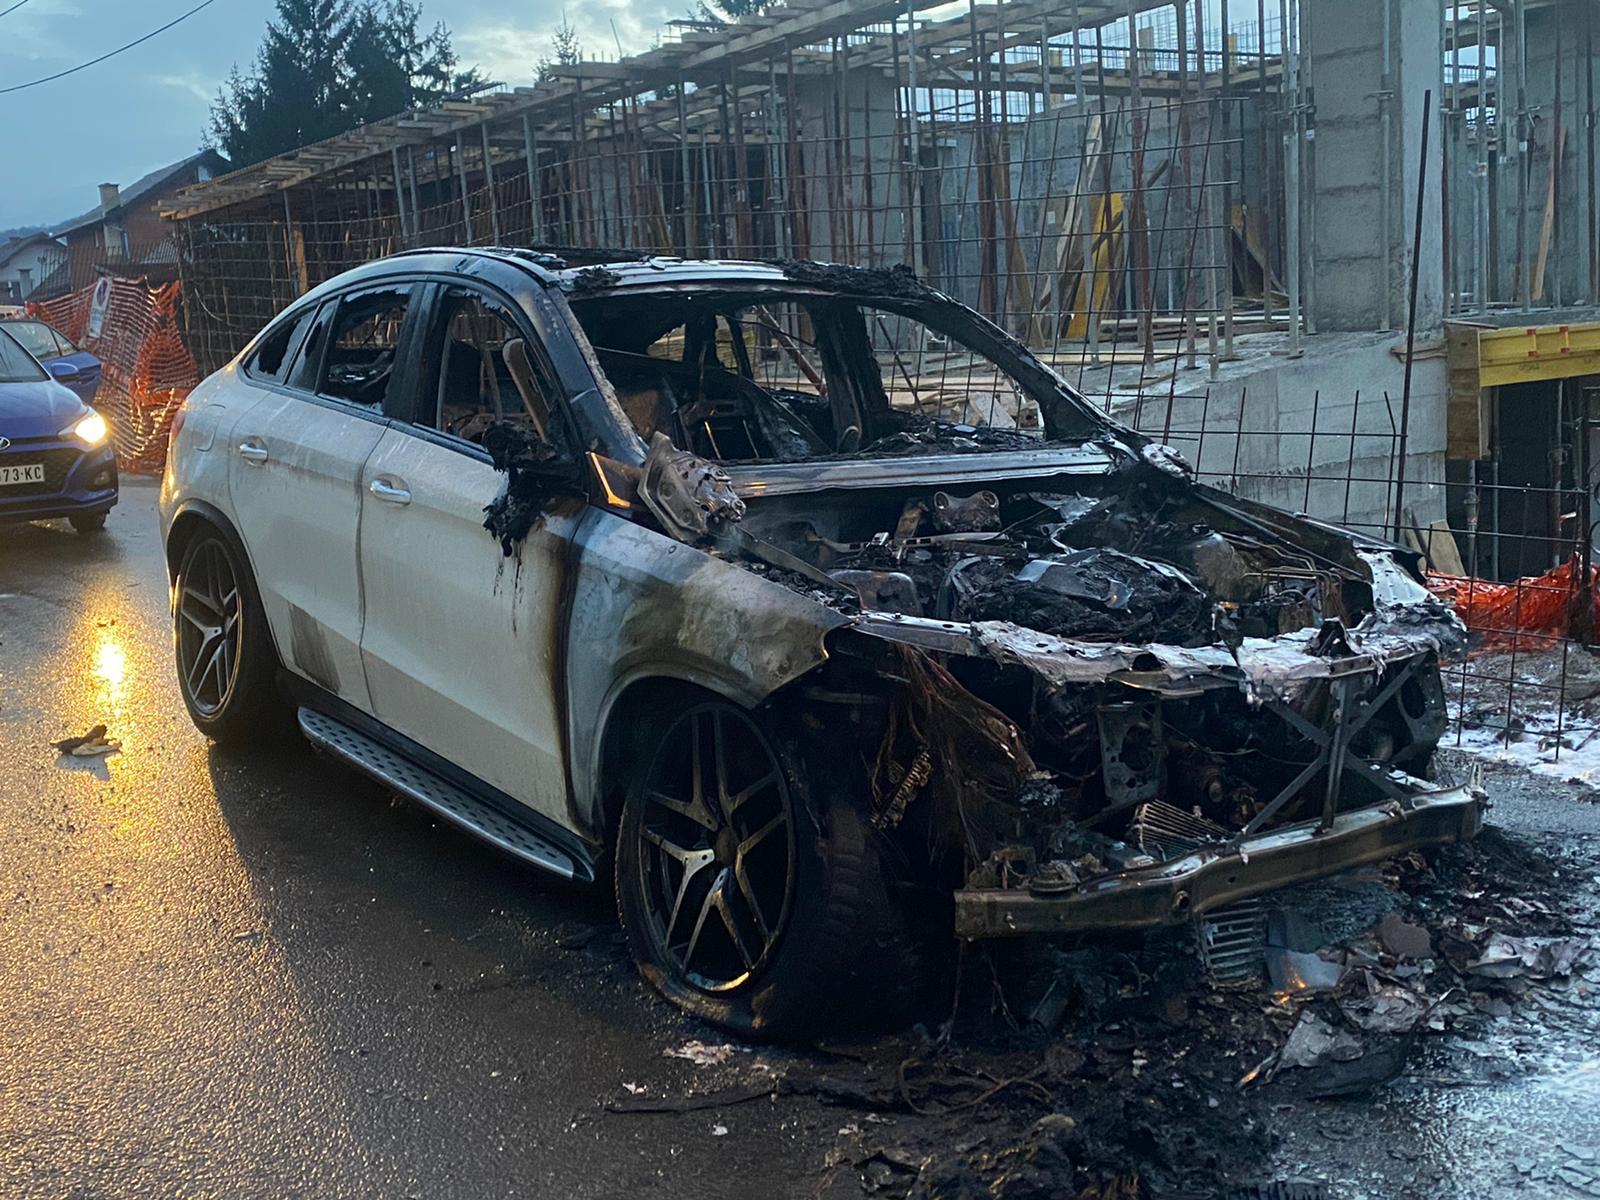 Zapaljena vozila Novopazarcu ispred kuće (video)